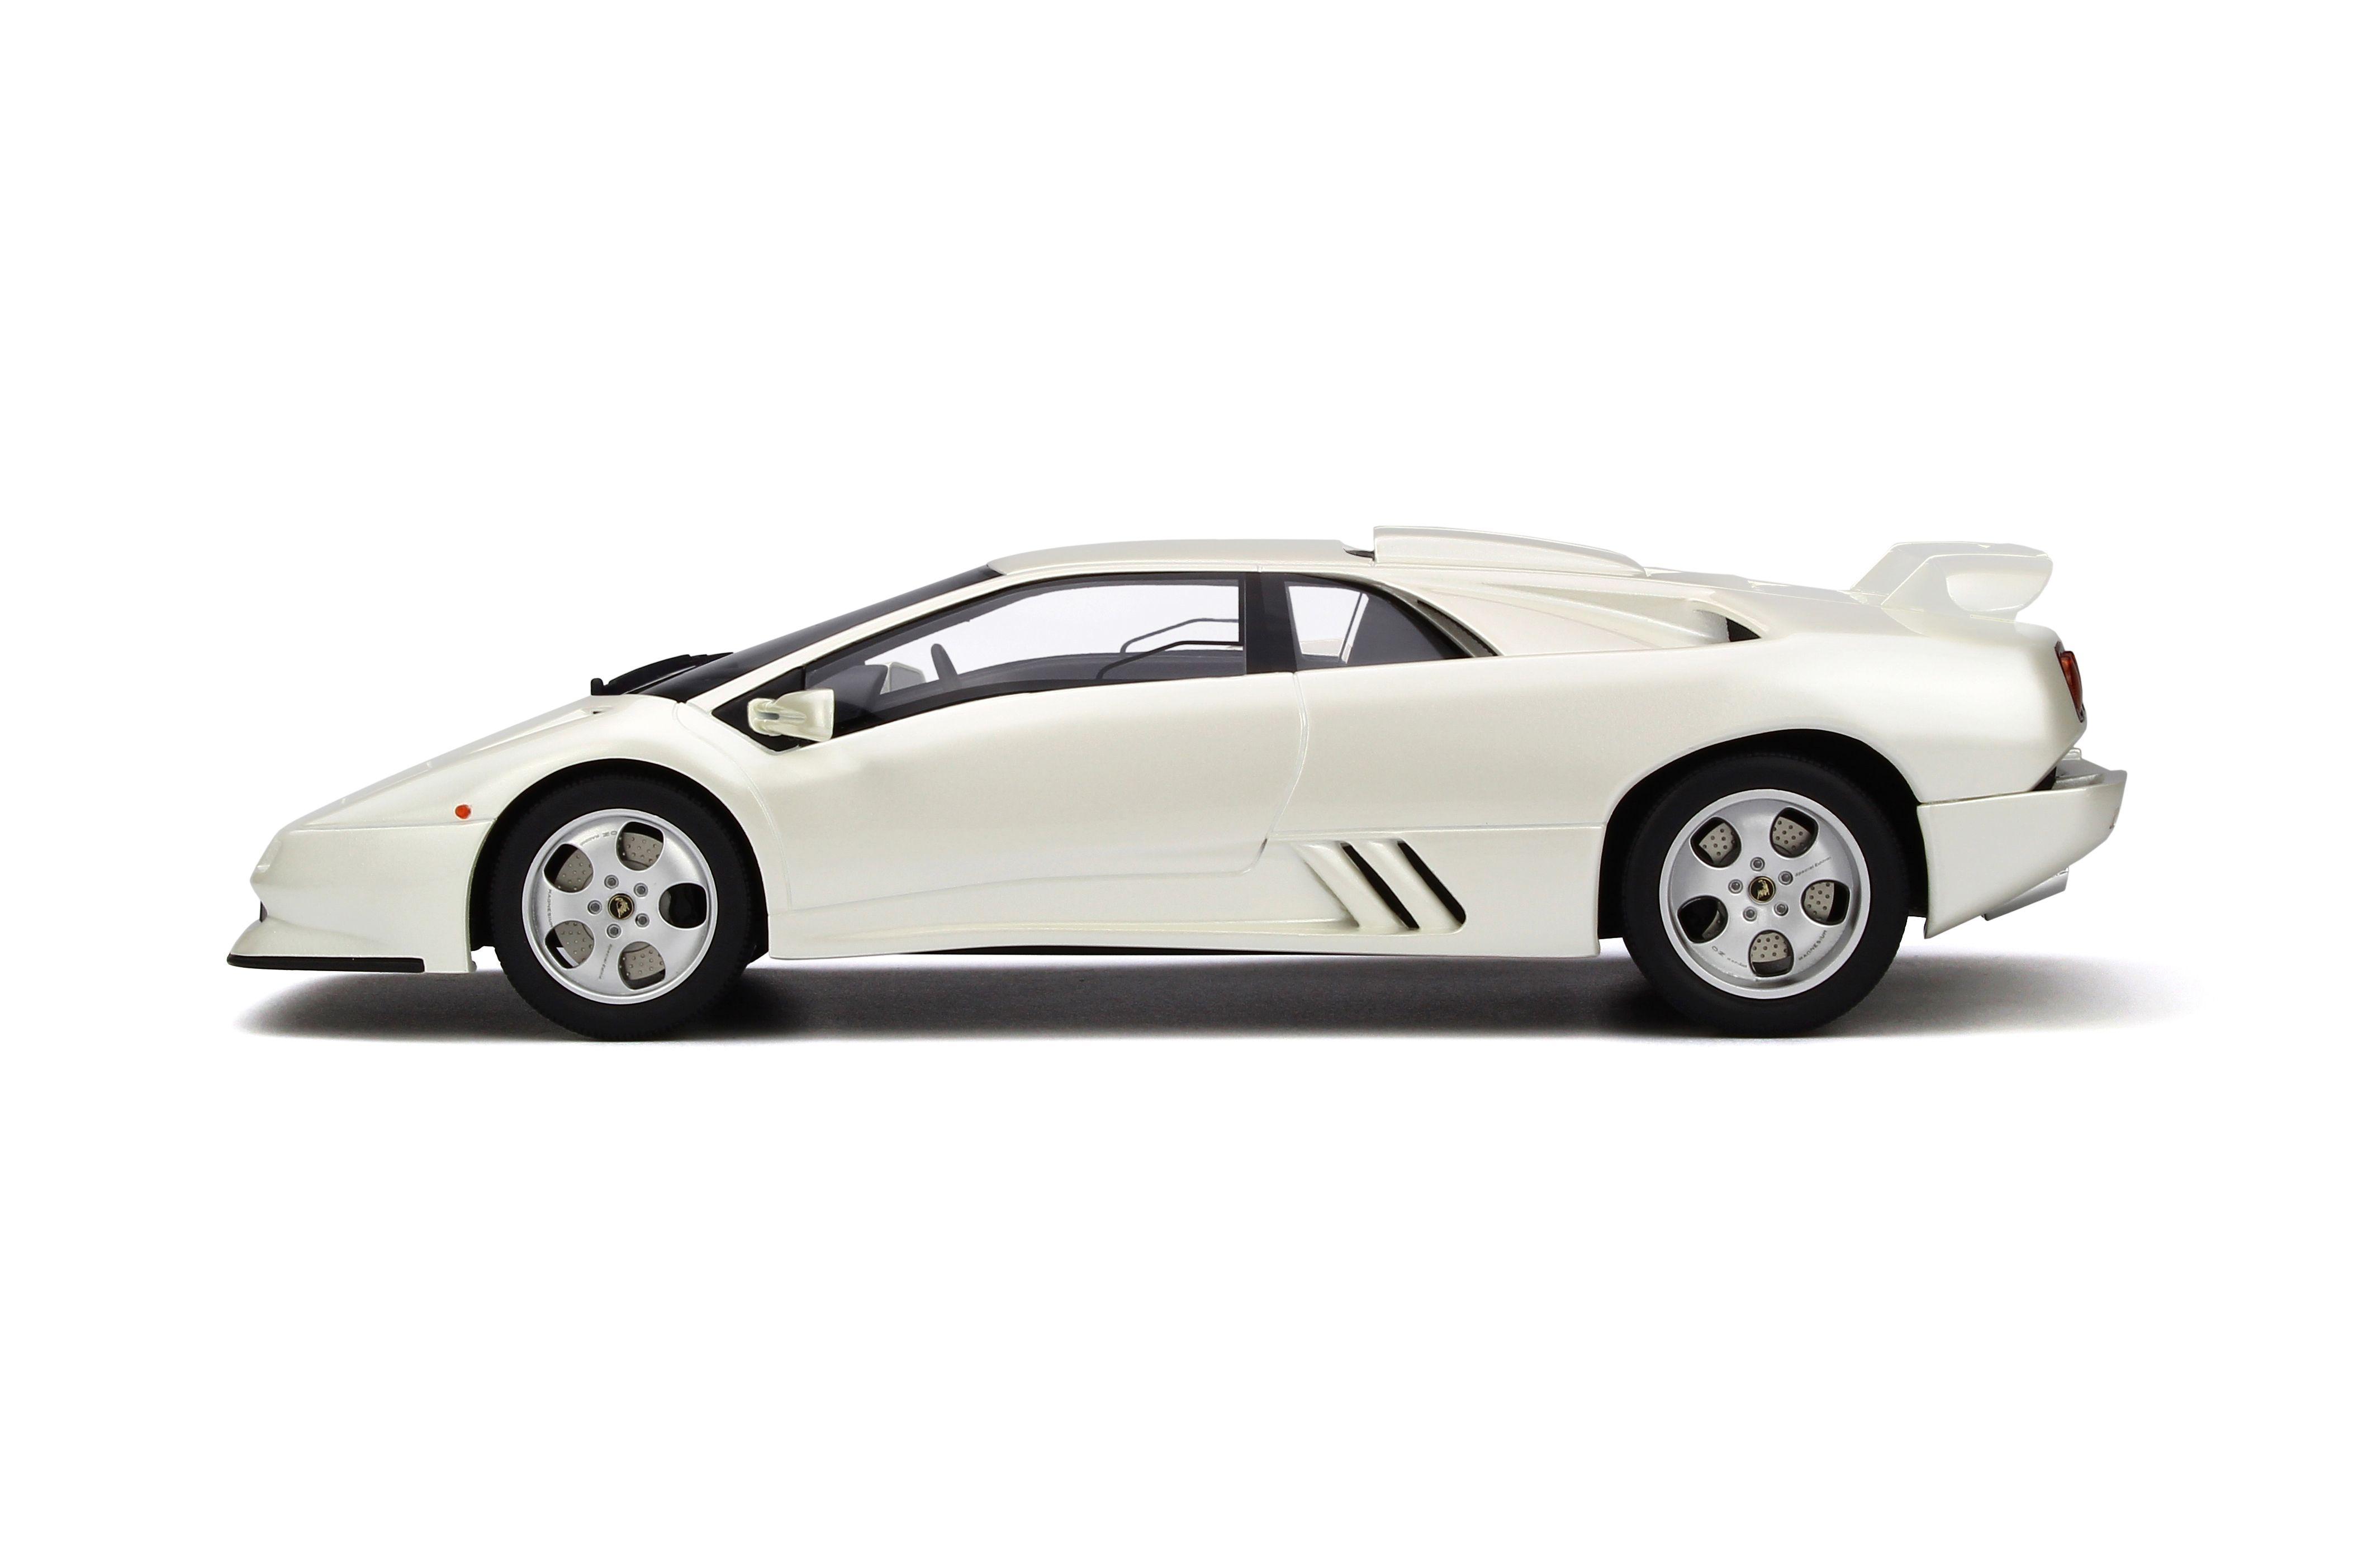 Lamborghini Diablo Mobile De on ducati diablo, honda diablo, maserati diablo, chrysler diablo, isuzu diablo, murcielago diablo, bugatti diablo, gmc diablo, ferrari diablo, orange diablo, blue diablo, cadillac diablo, strosek diablo, toyota diablo, el diablo,